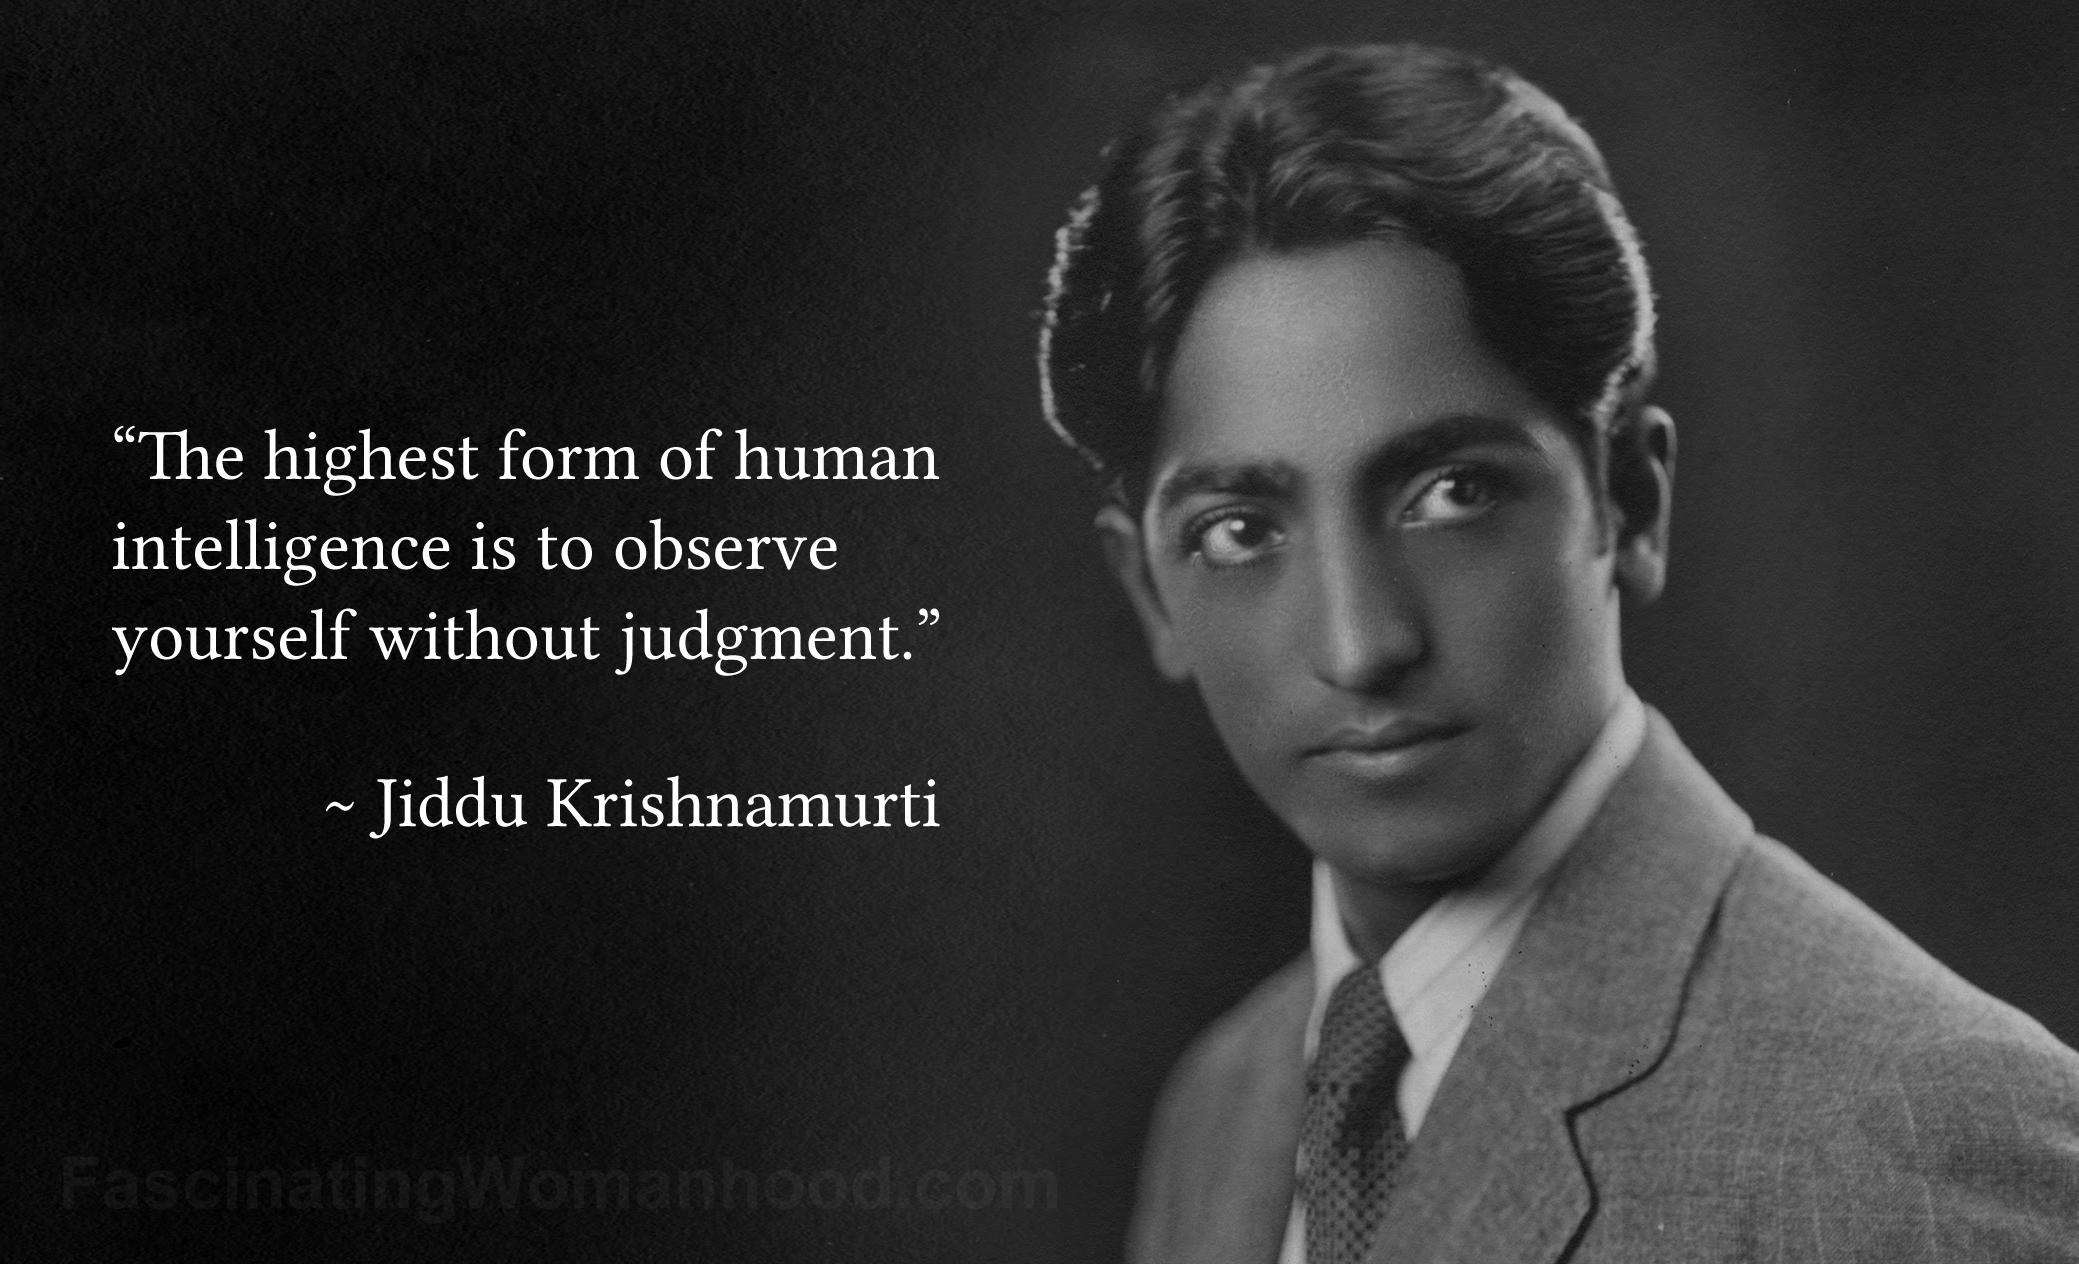 A Quote by Jiddu Krishnamurti.jpg